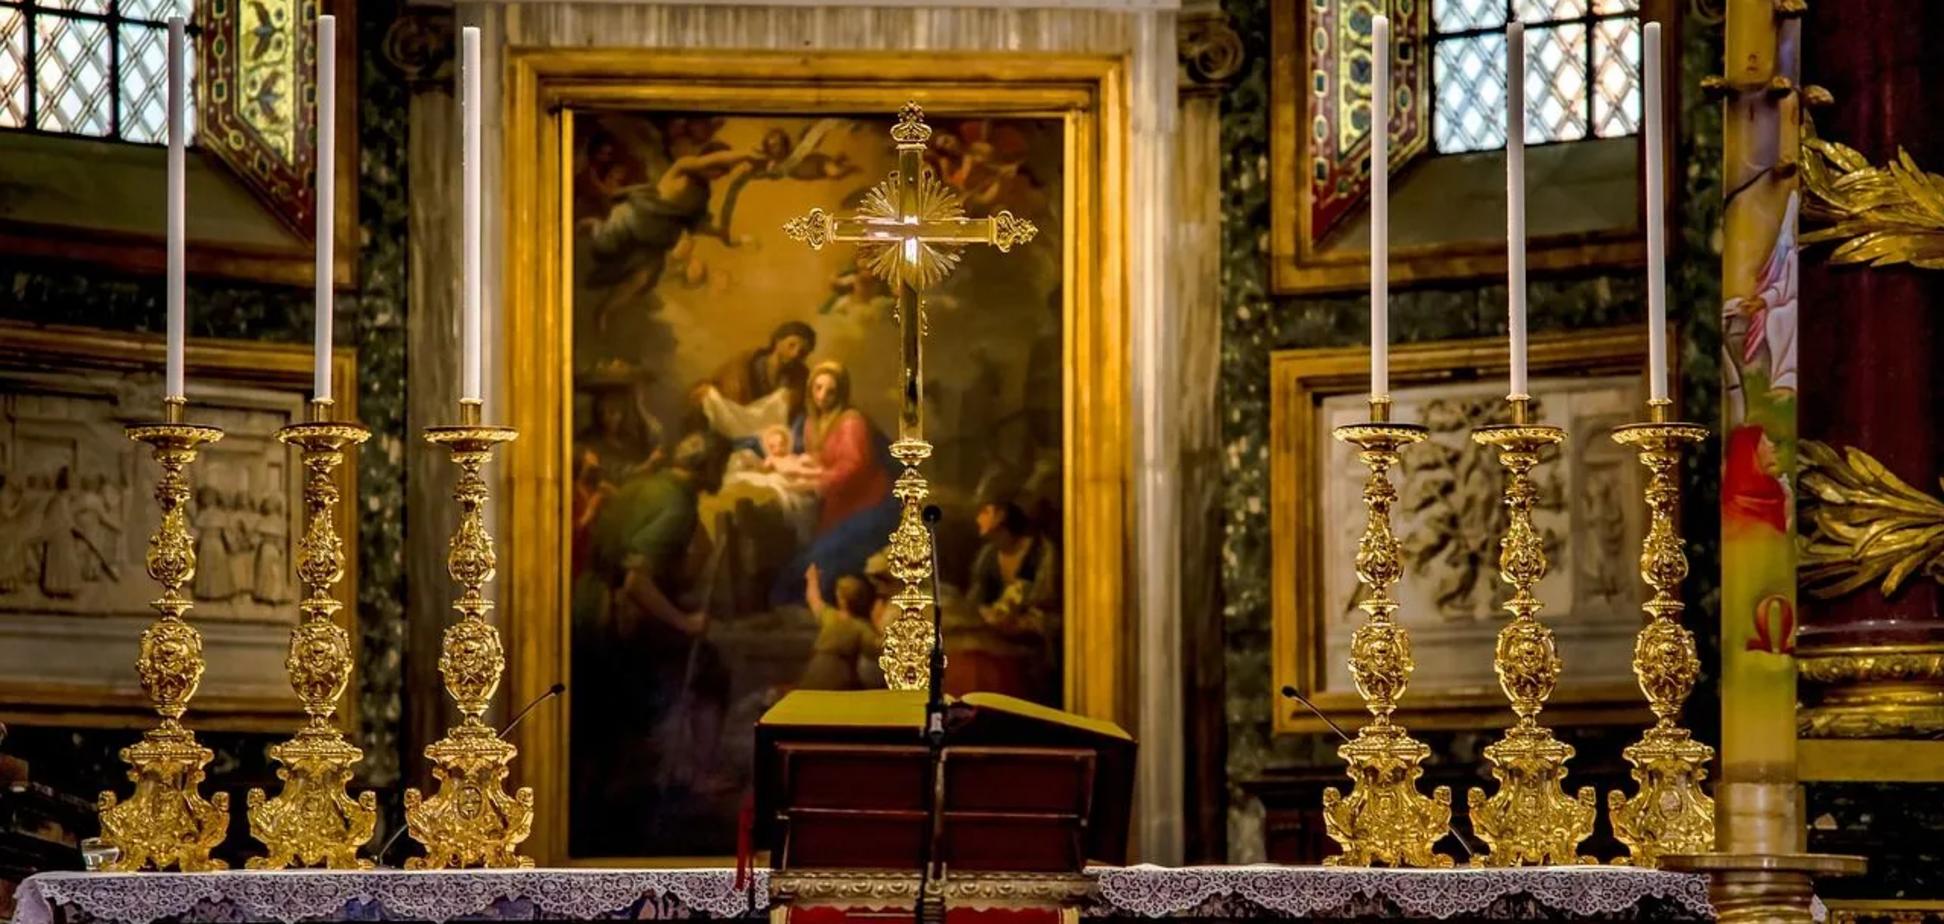 Великомученица Катерина считается покровительницей любви и брака